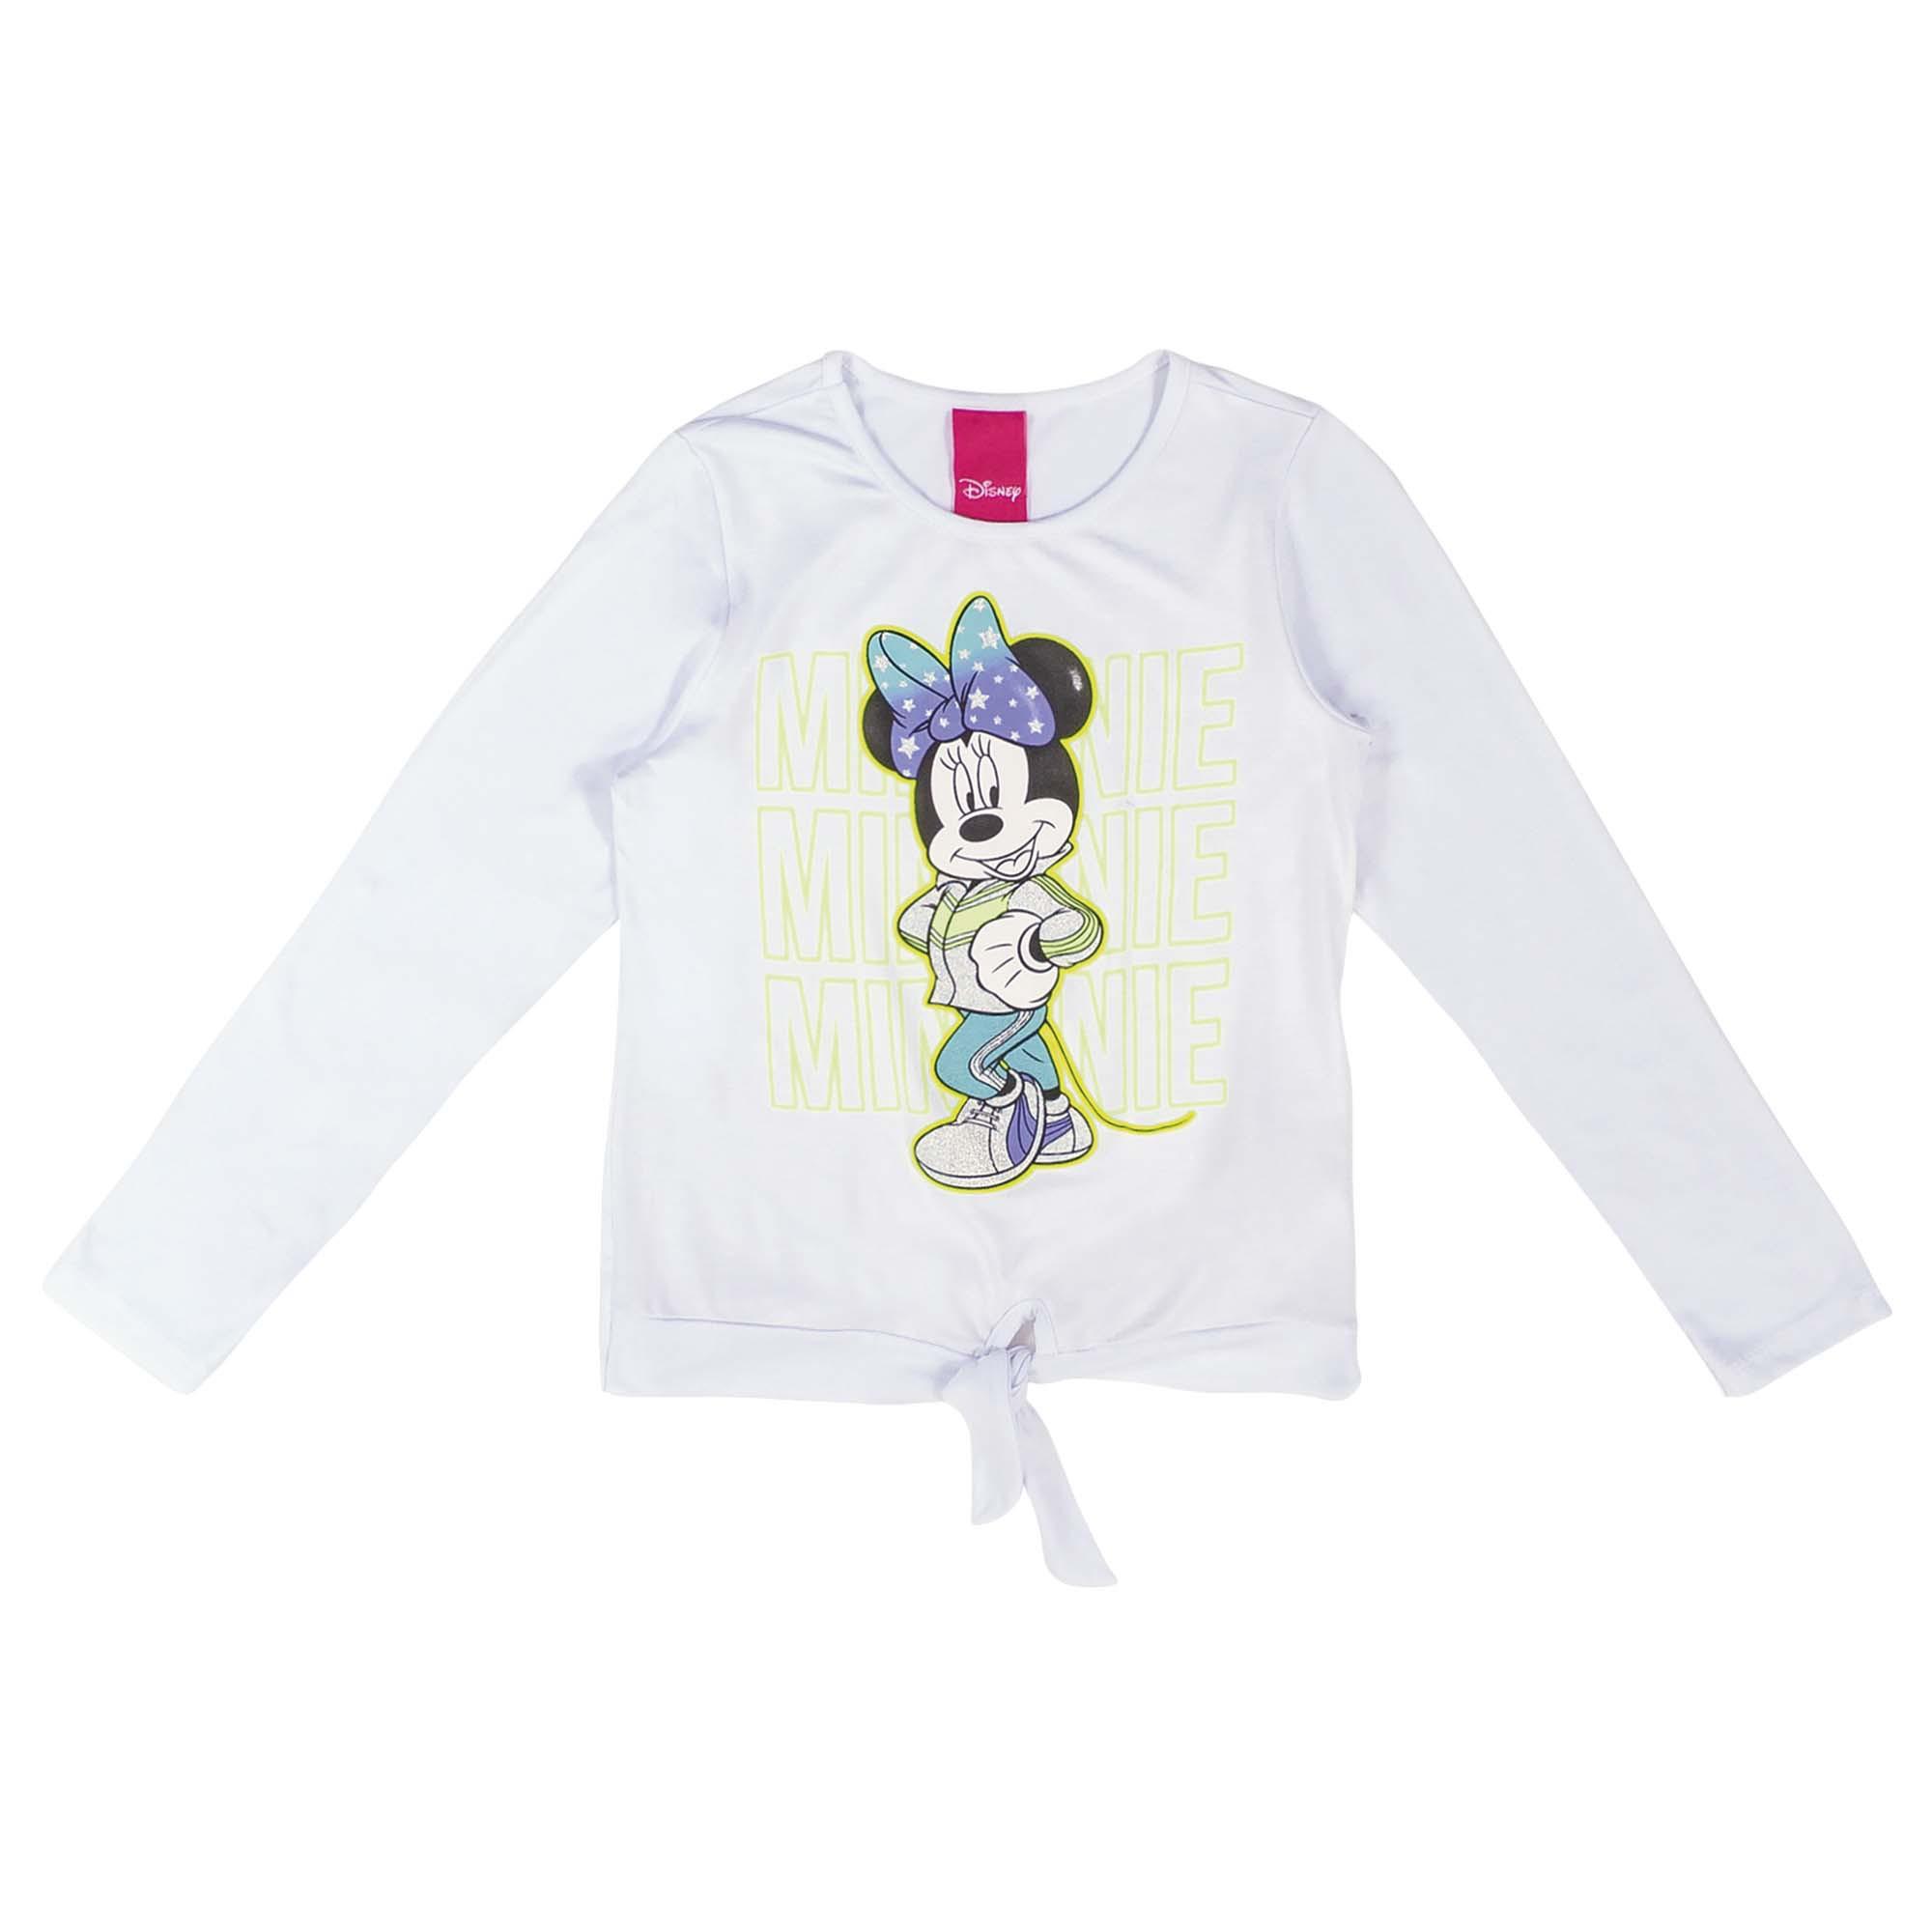 Blusa Manga Longa Cativa Estampa Glitter e Relevo Minnie com Amarração Frontal - 4 ao 10